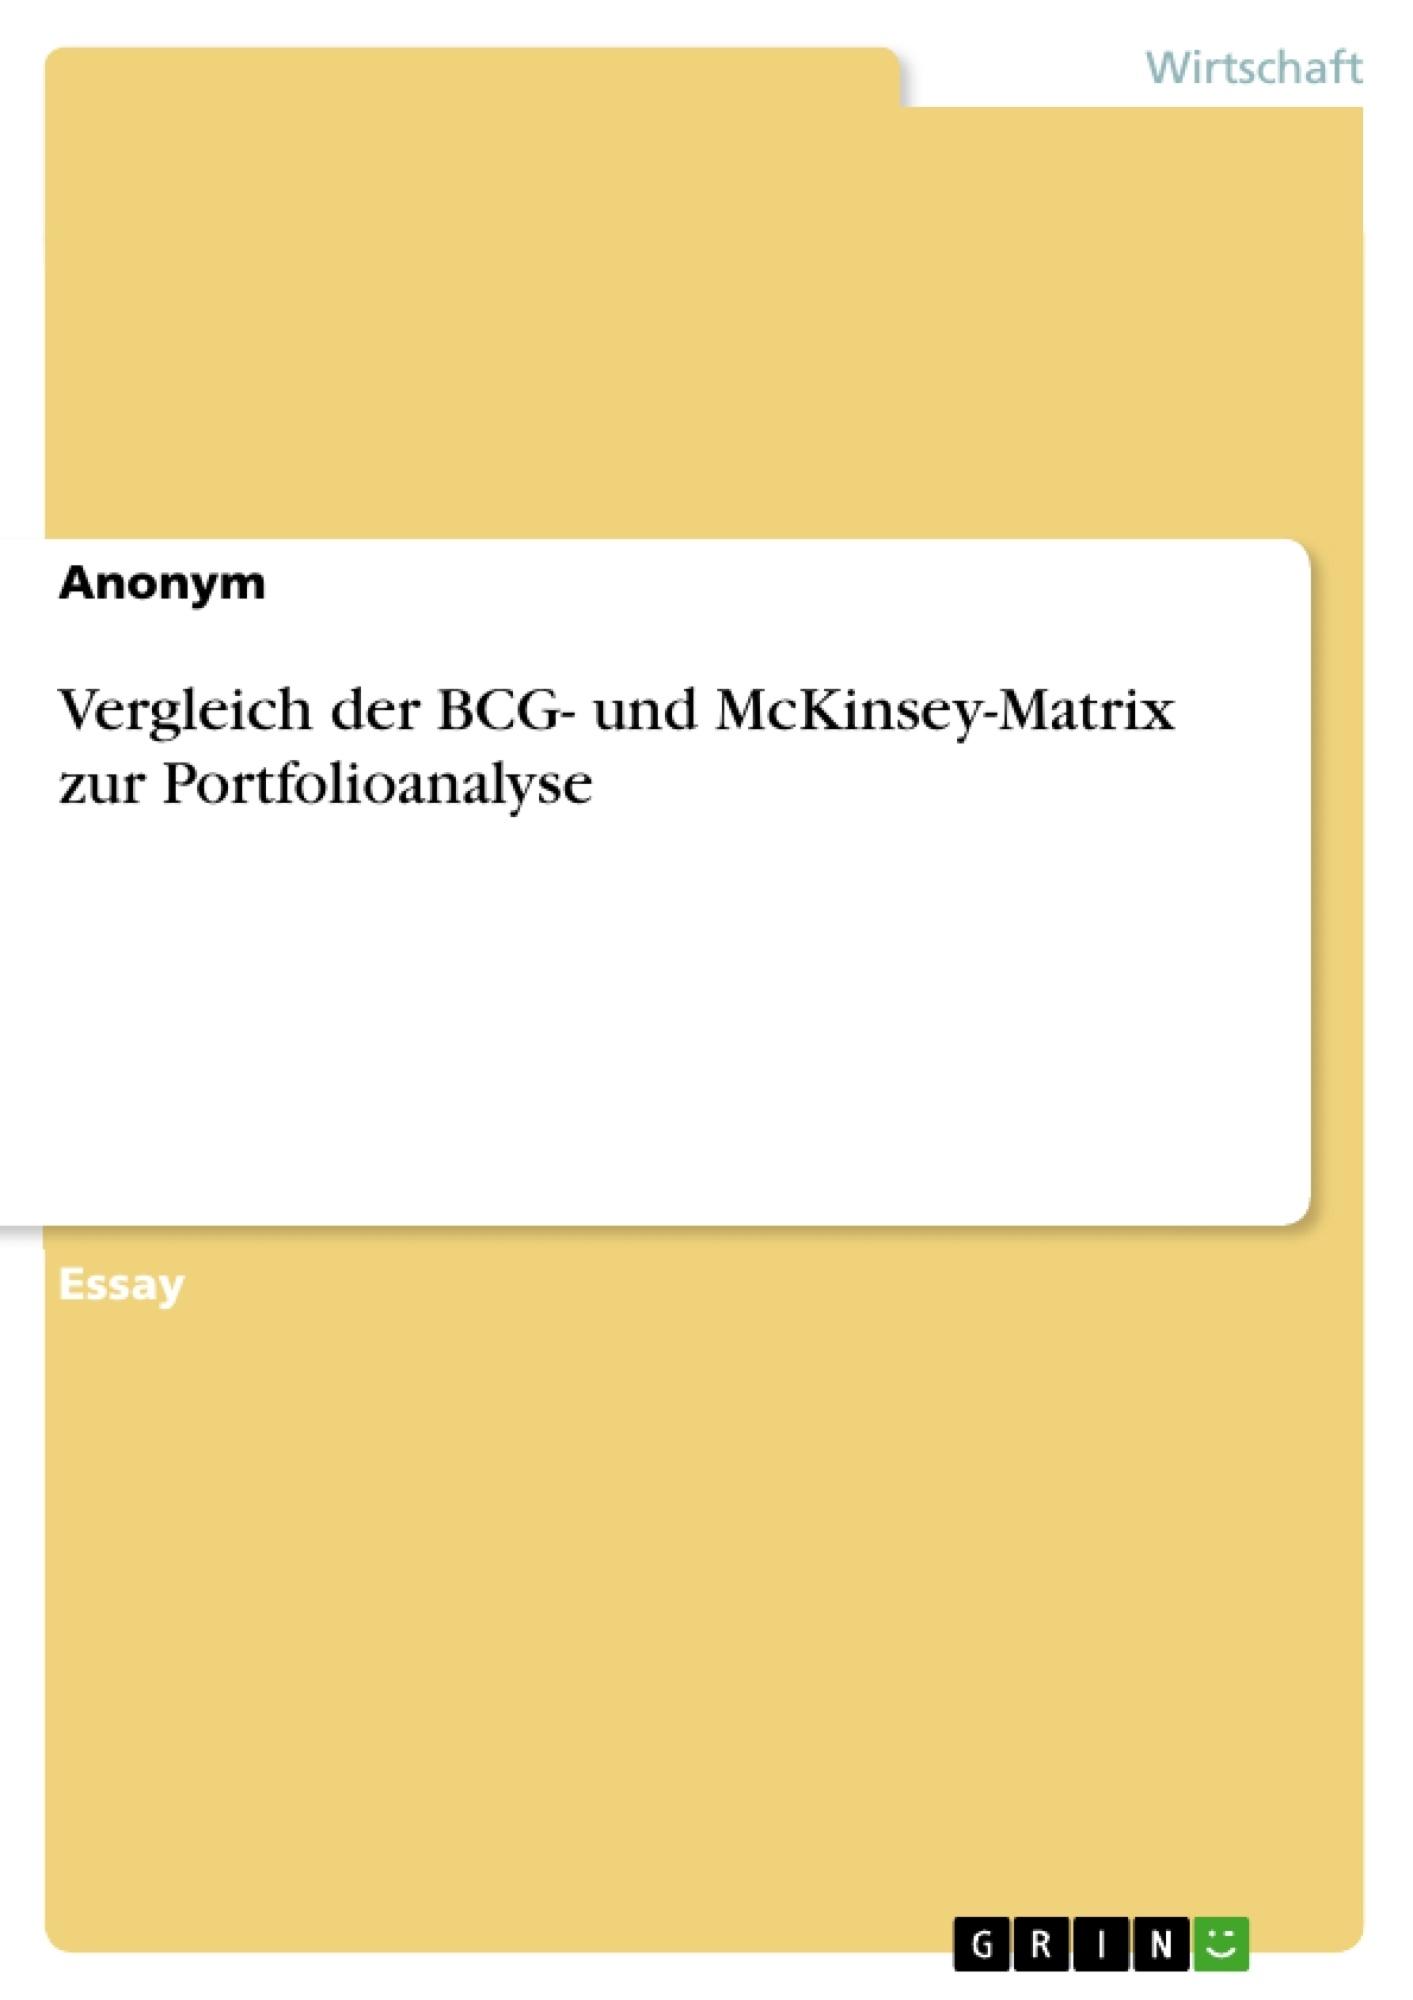 Titel: Vergleich der BCG- und McKinsey-Matrix zur Portfolioanalyse